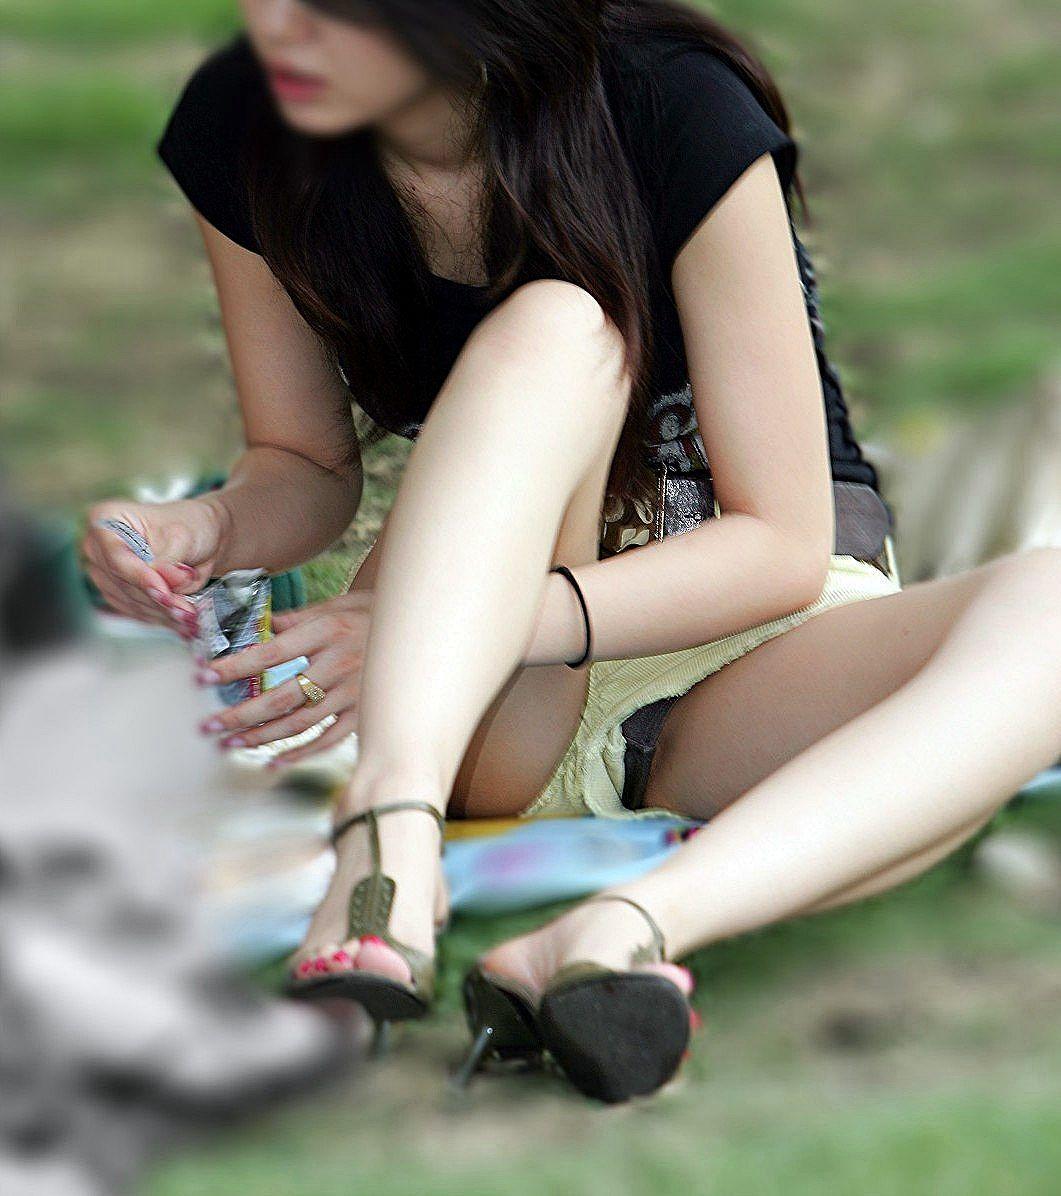 ショートパンツと太腿の間からパンツがチラチラ (18)